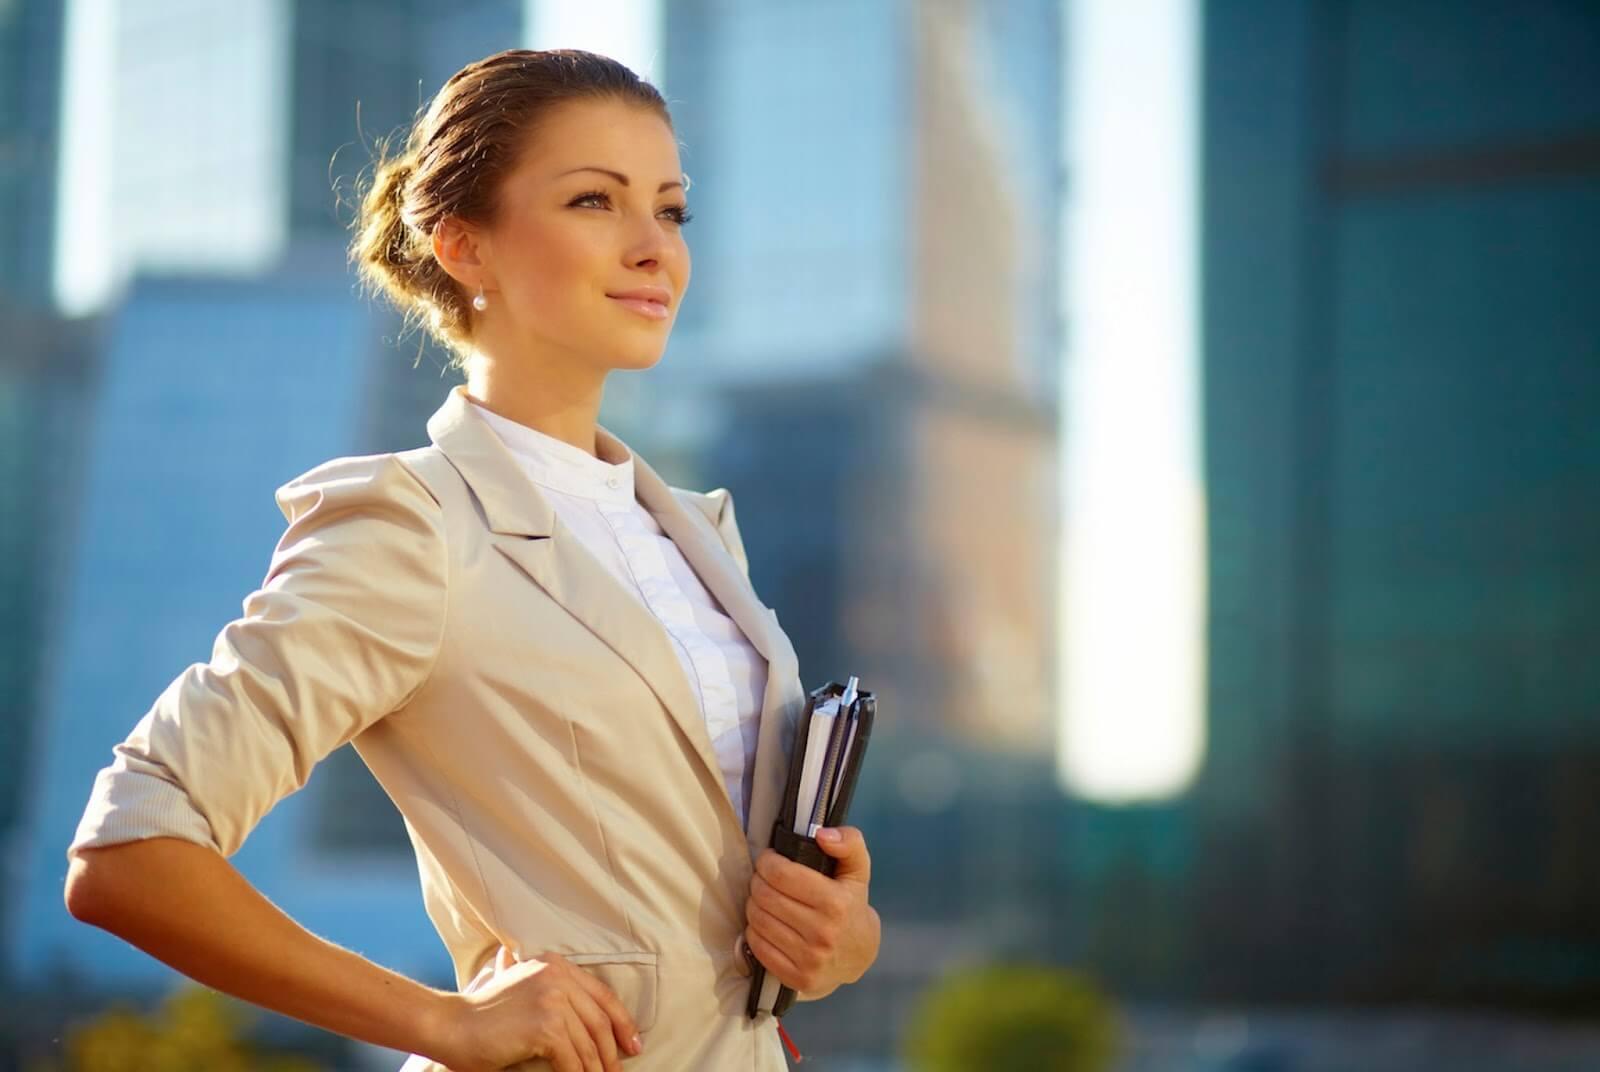 Tecnologia e a mudança no mindset profissional